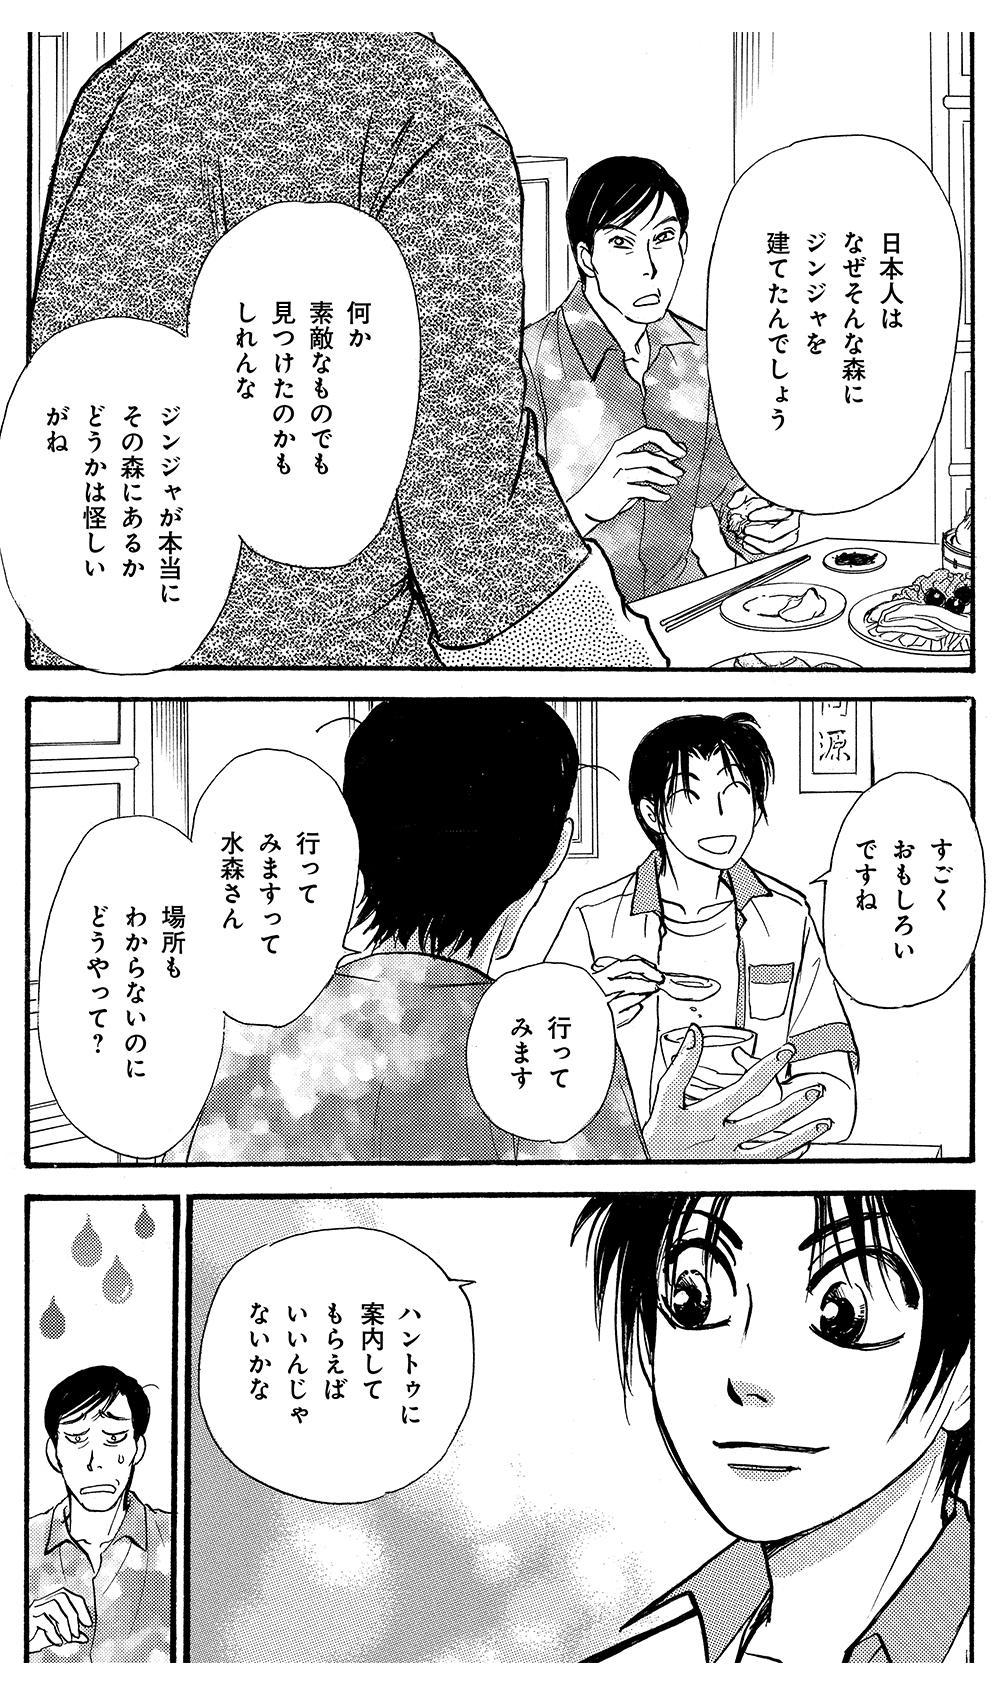 くにのまほろば 第1話 ②kunimaho02-04.jpg